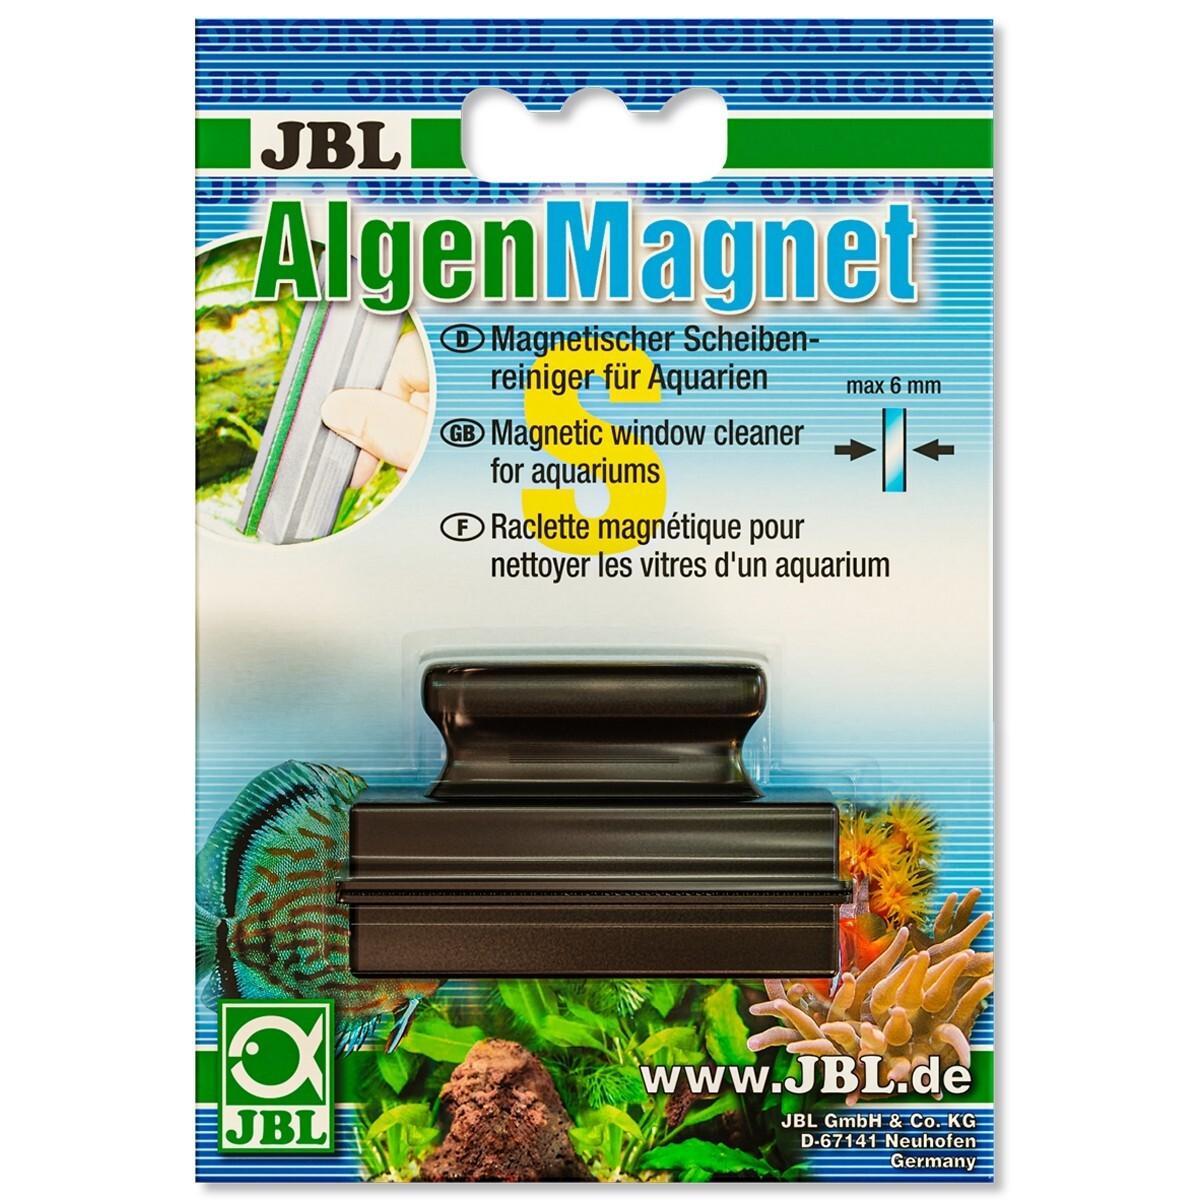 [282.6129100]  JBL Algae Magnet S - Магнитный скребок для аквариумных стёкол толщиной до 6 мм